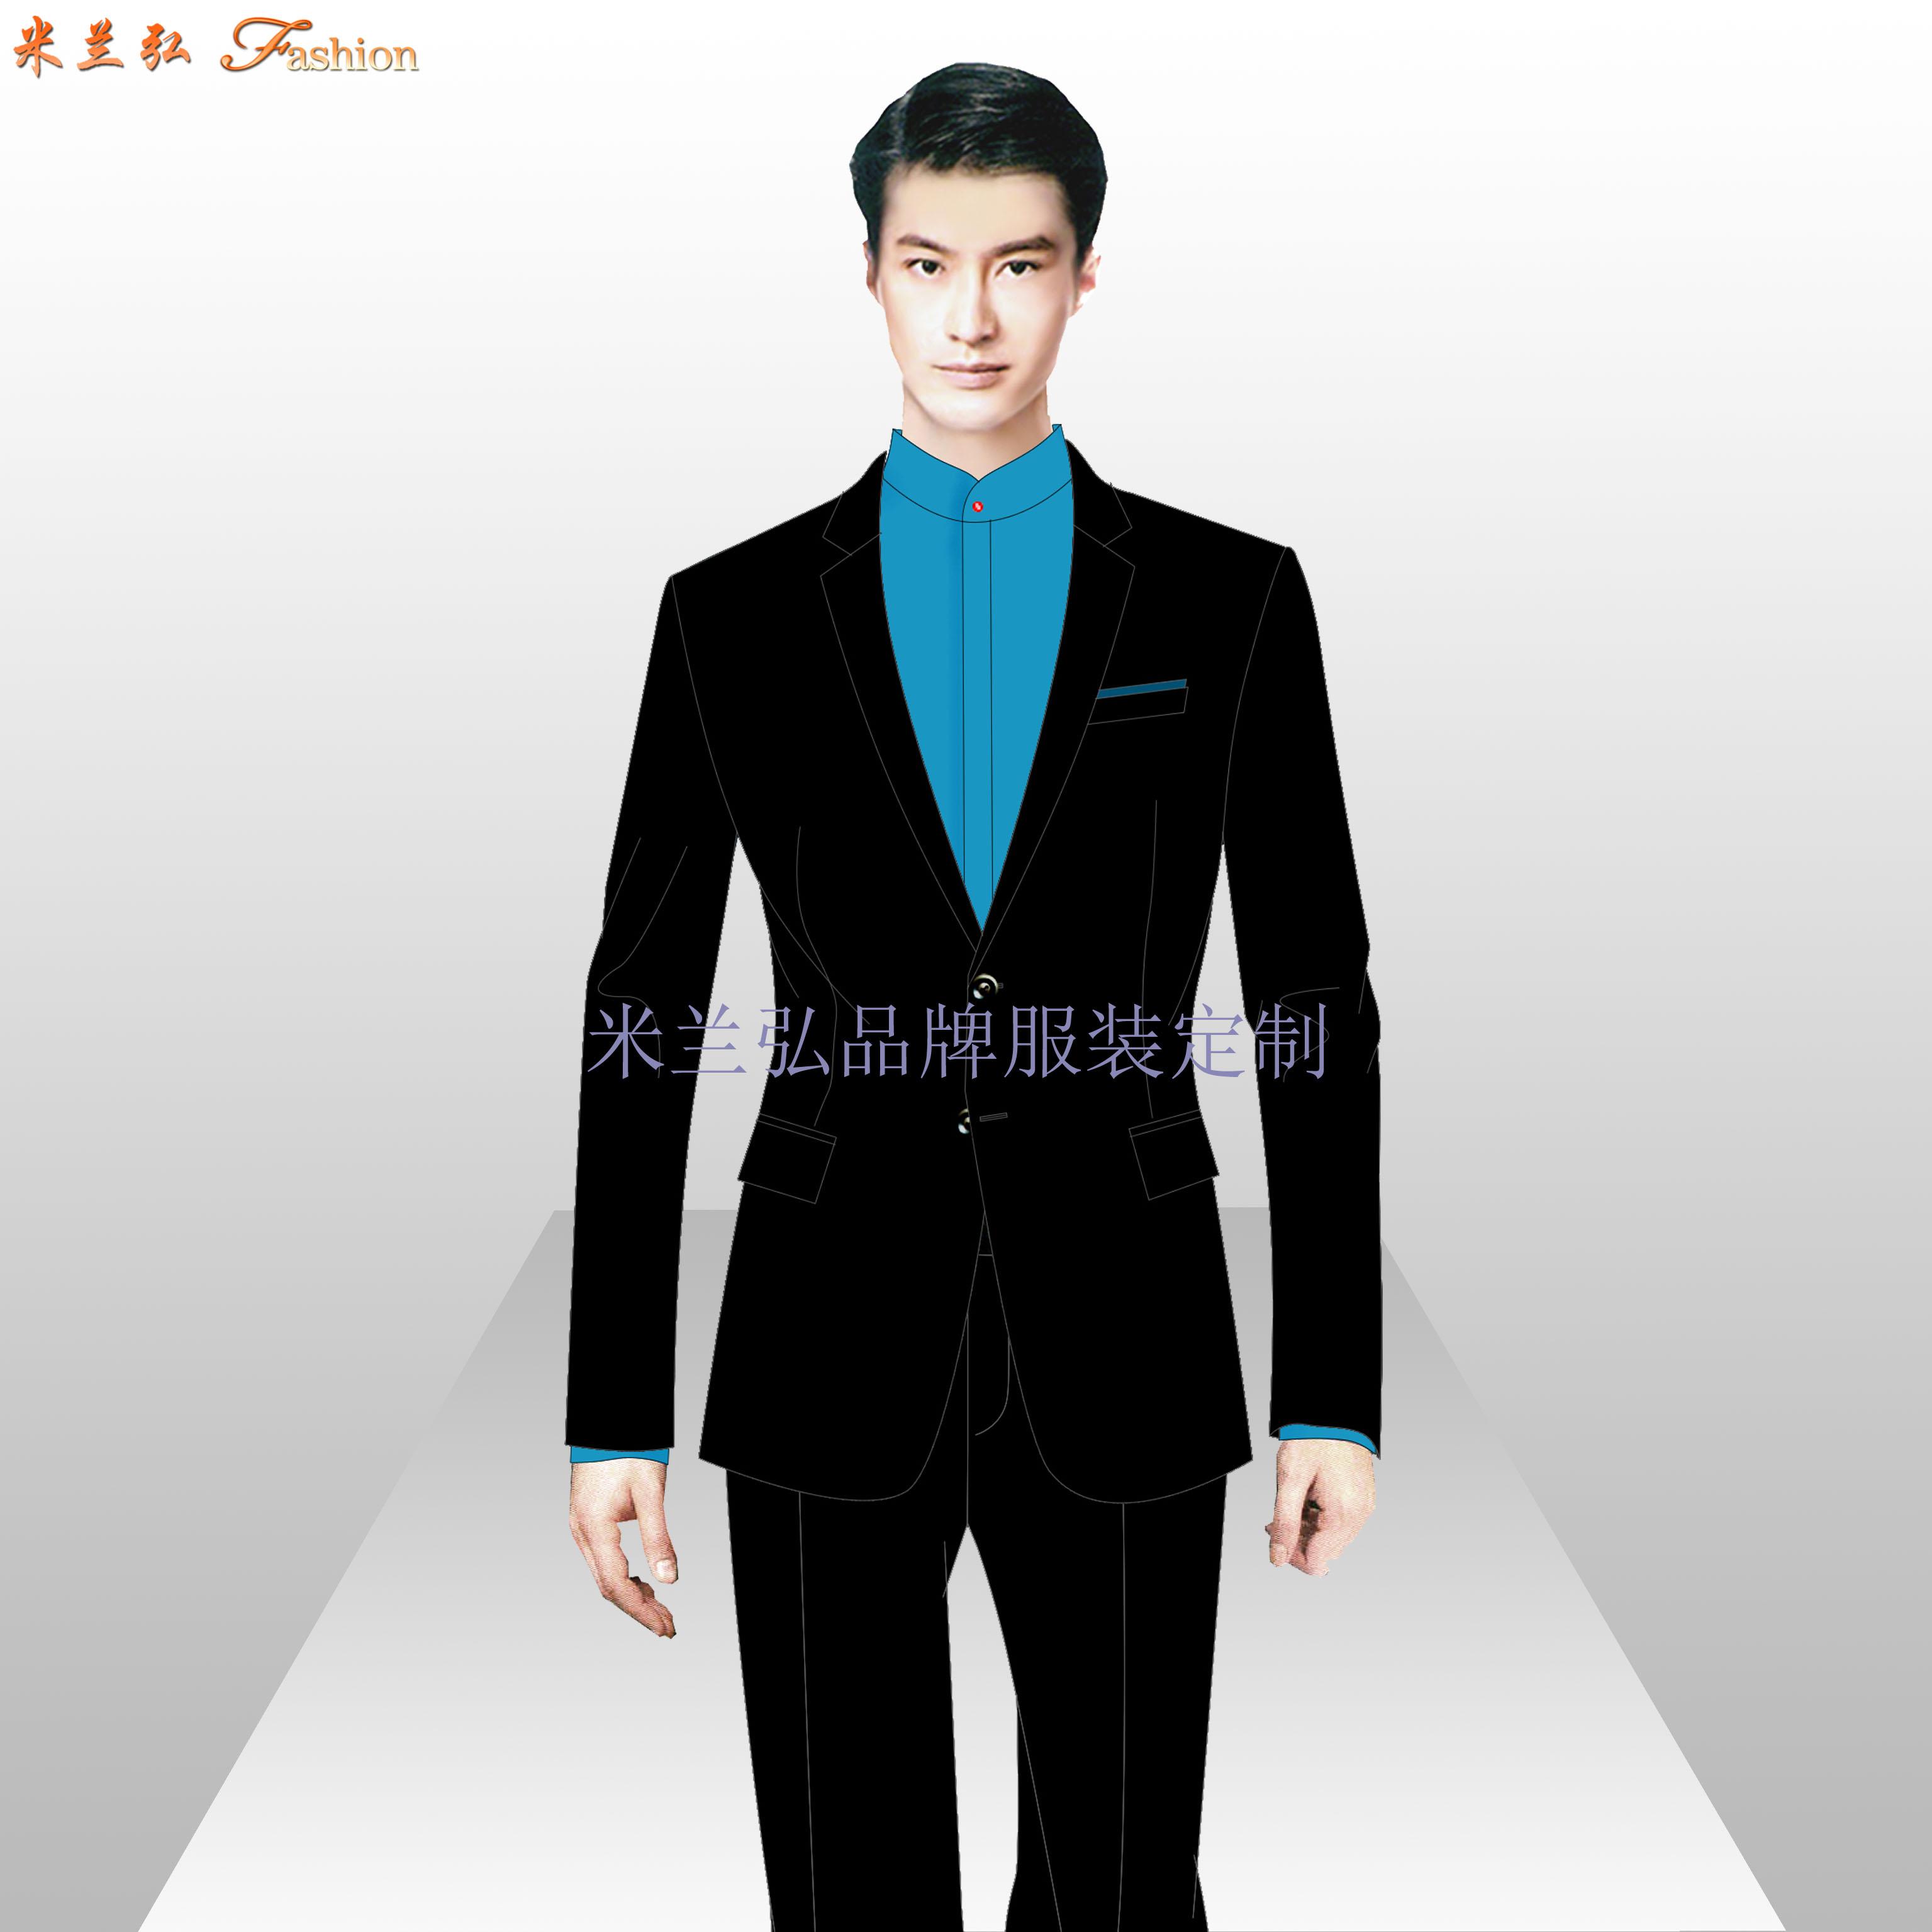 無錫西服定制_江蘇無錫職業裝裝訂做-米蘭弘服裝廠家-5